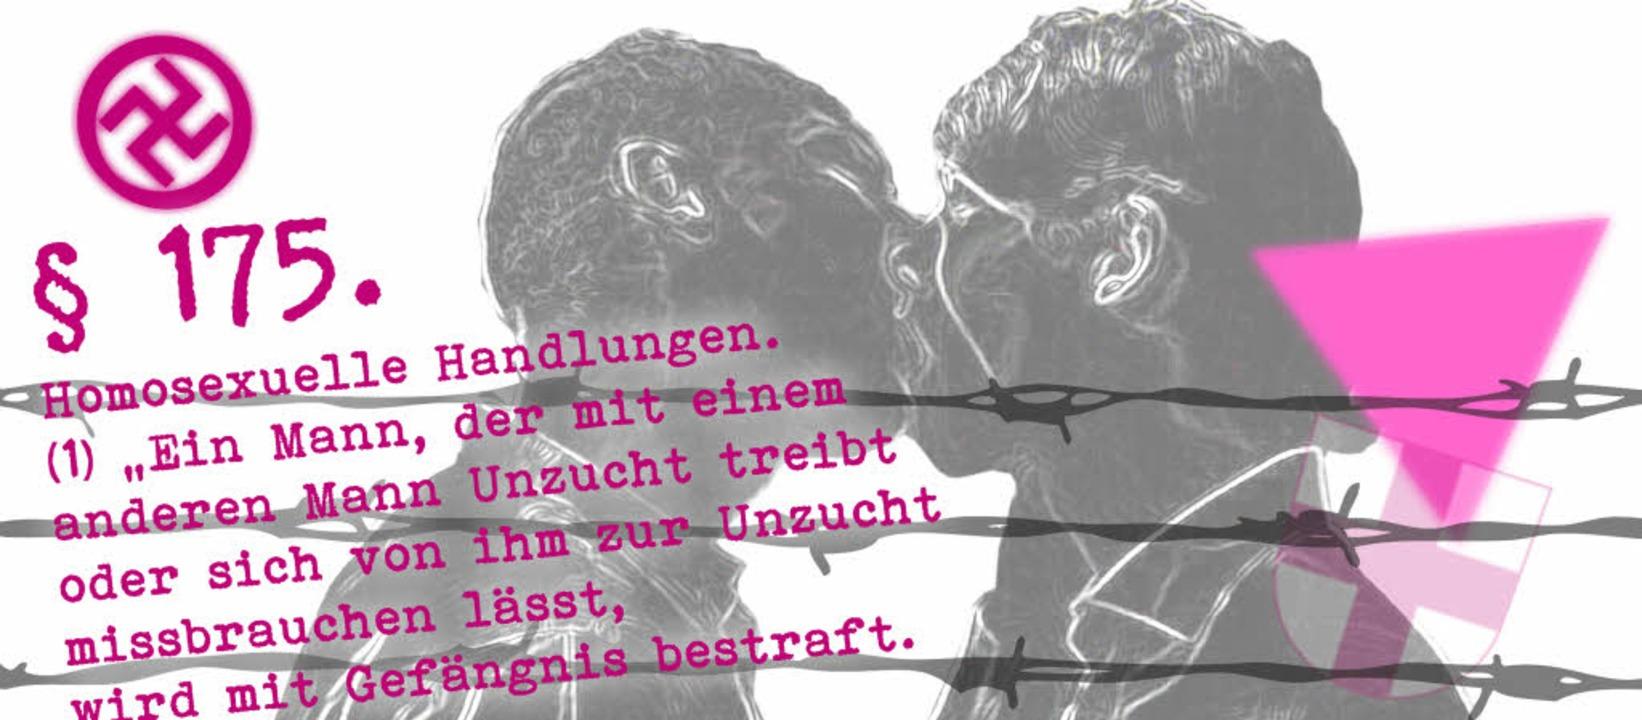 Viele schwule Männer kamen in der NS-Zeit zu Tode.  | Foto: privat